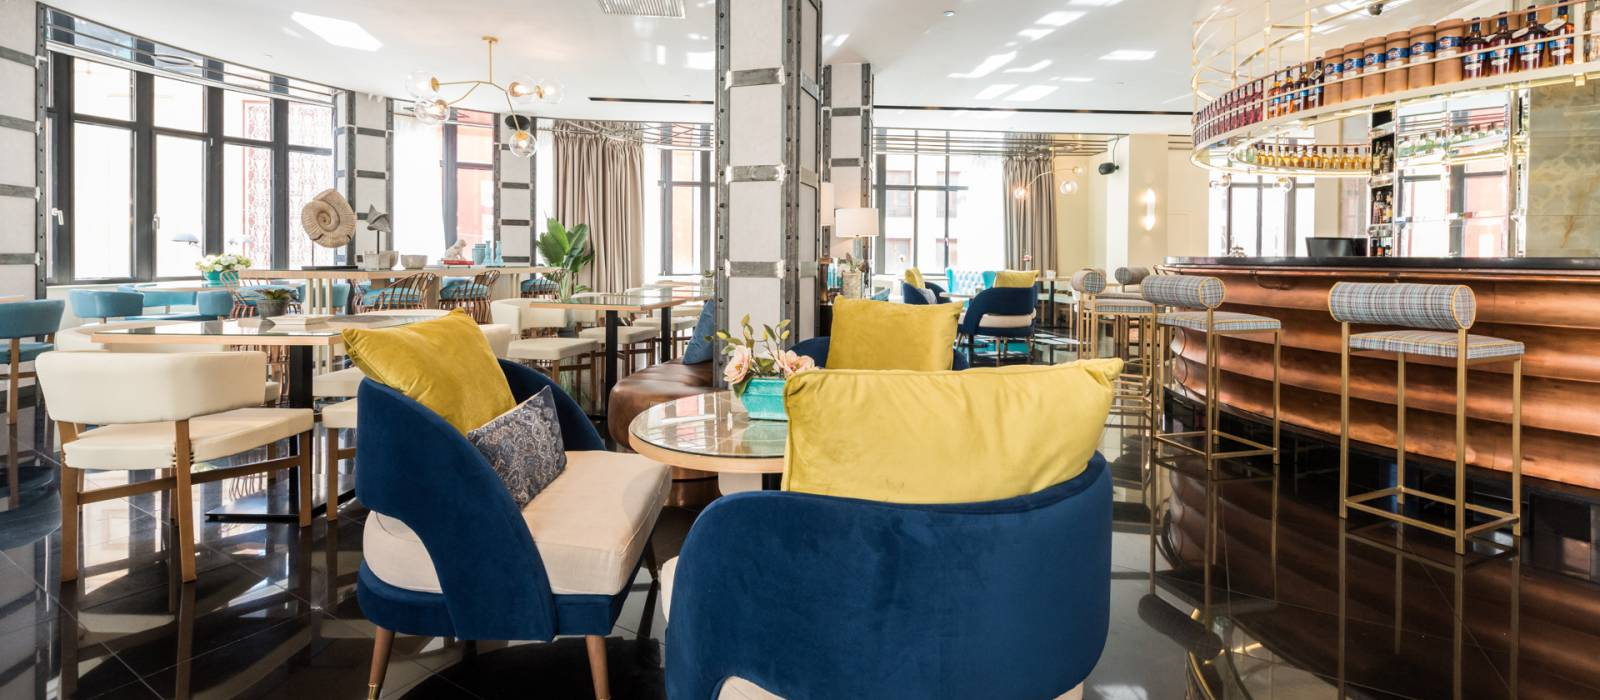 Servizi Capitol Hotel Madrid - Vincci Hoteles - Capitol Food&Bar